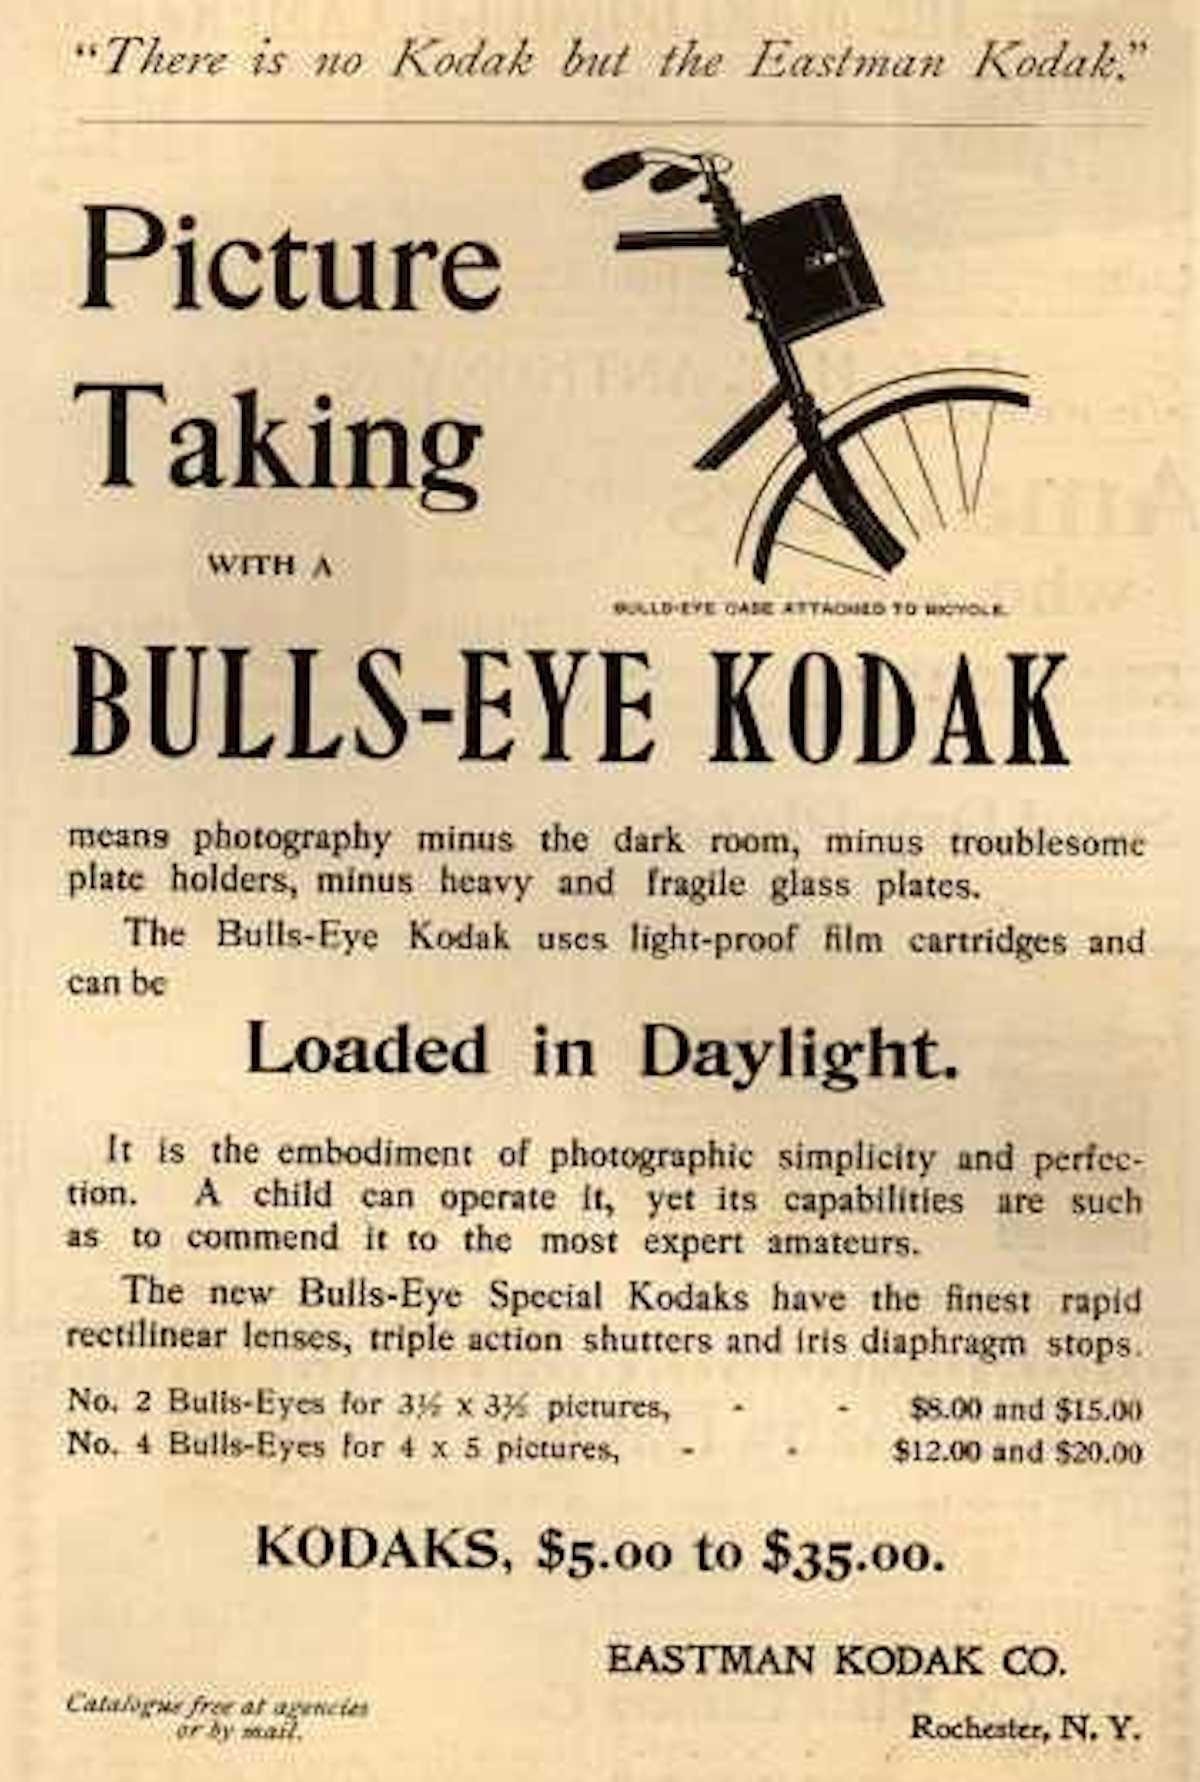 Bullseye Kodak.jpg